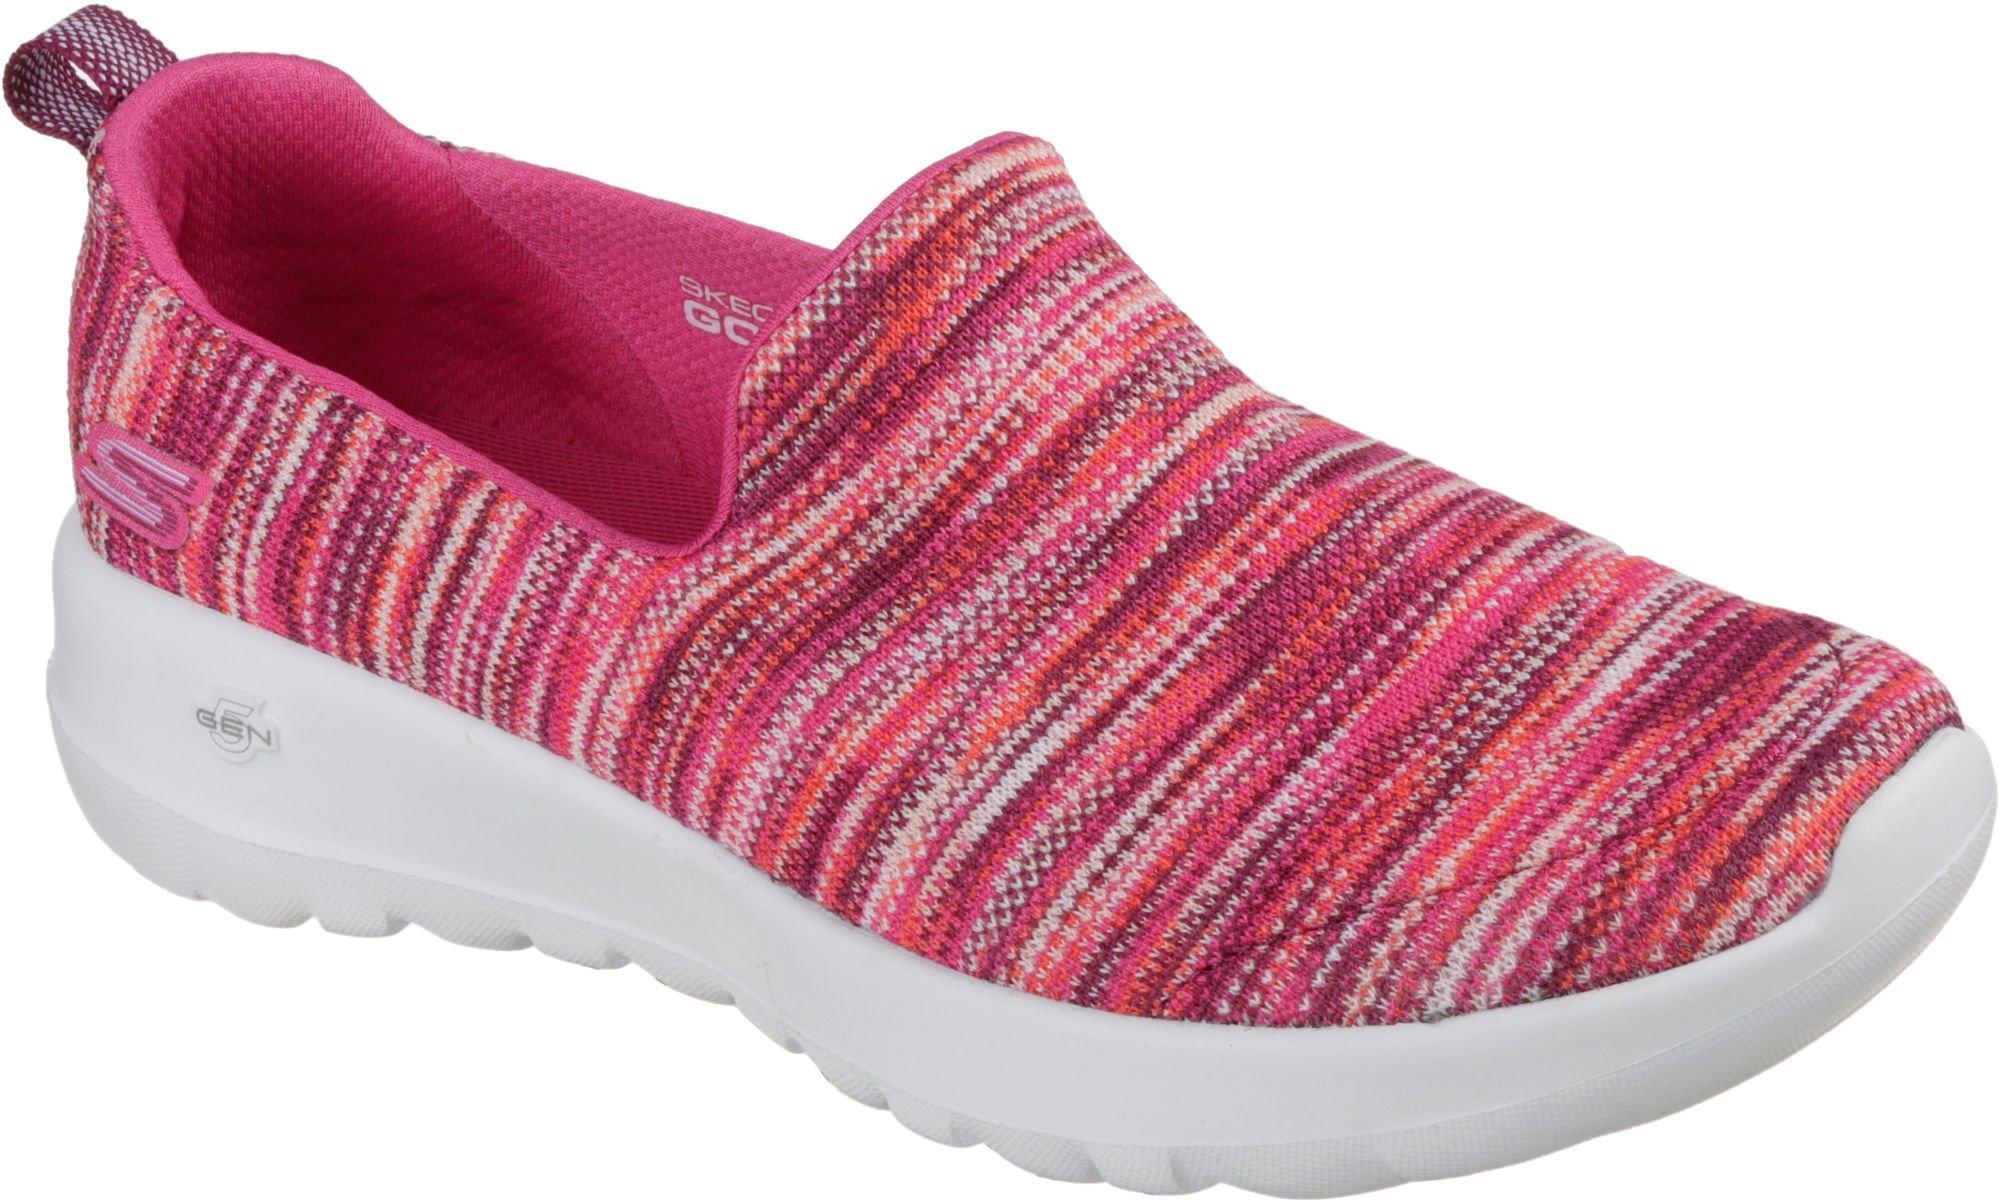 Skechers Performance Women's Go Walk Joy-15615 Sneaker,Pink/Multi,8 M US